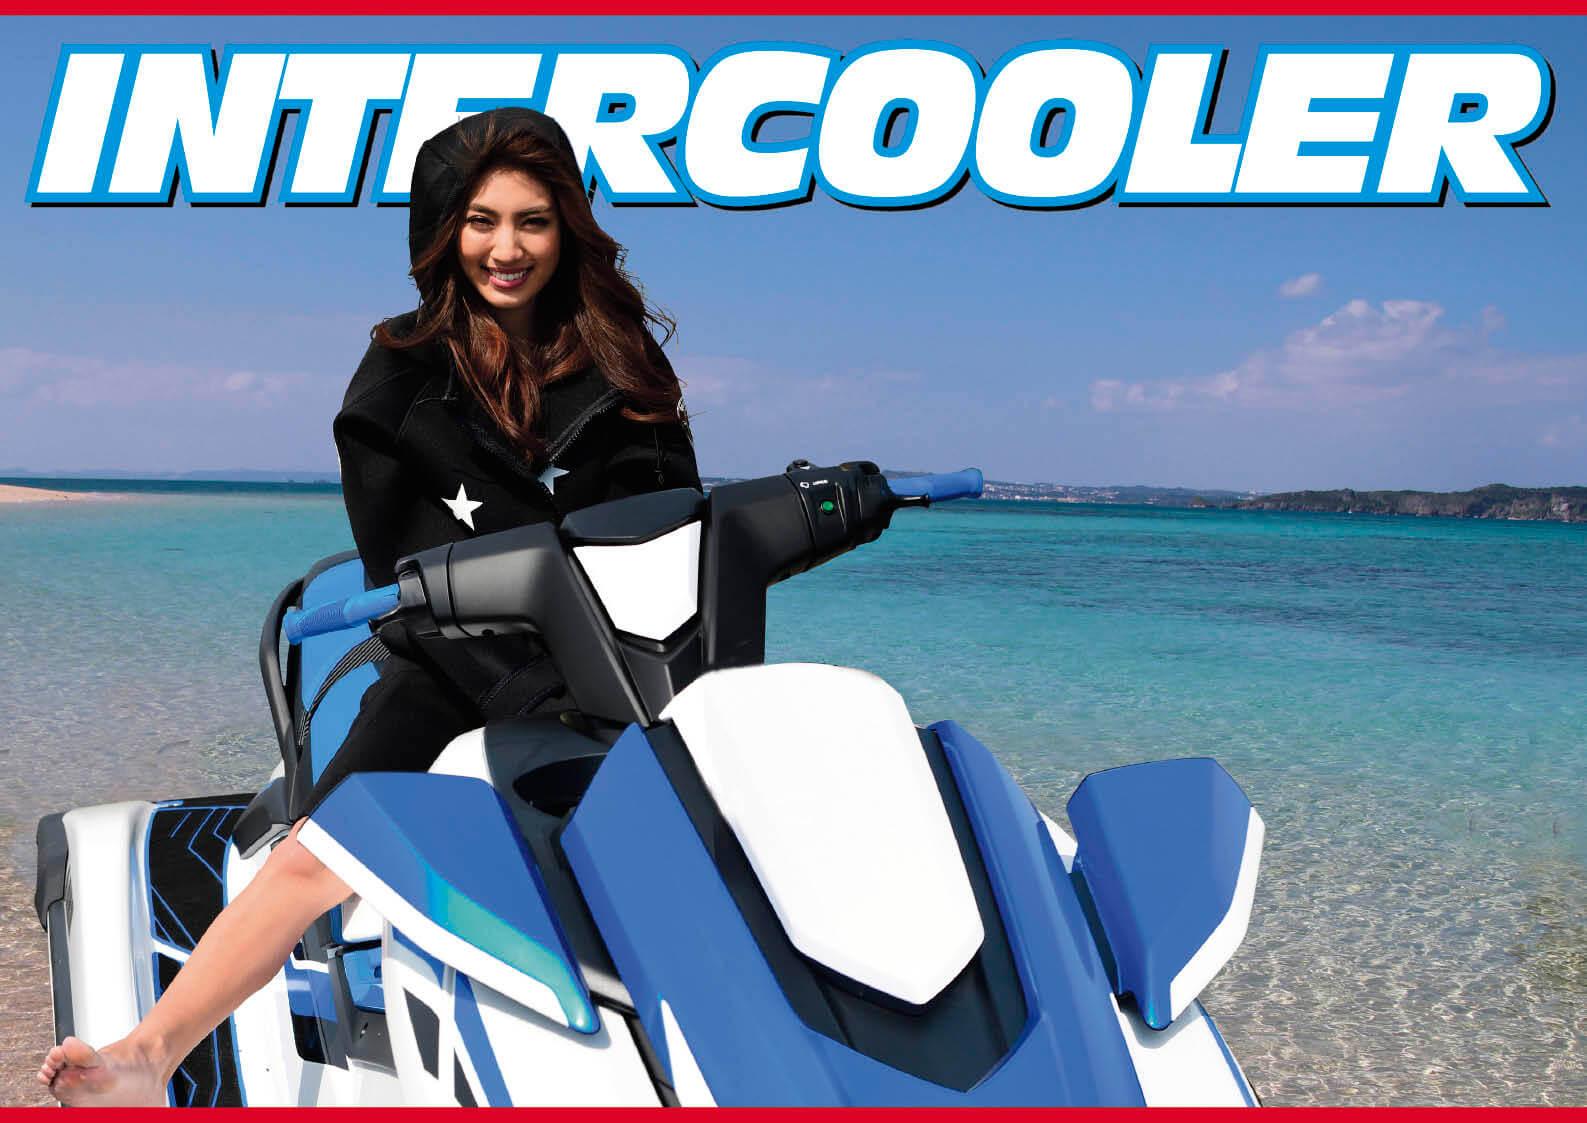 「インタークーラー」メカが分かるとジェットはもっと面白い! ジェットスキー(水上バイク)